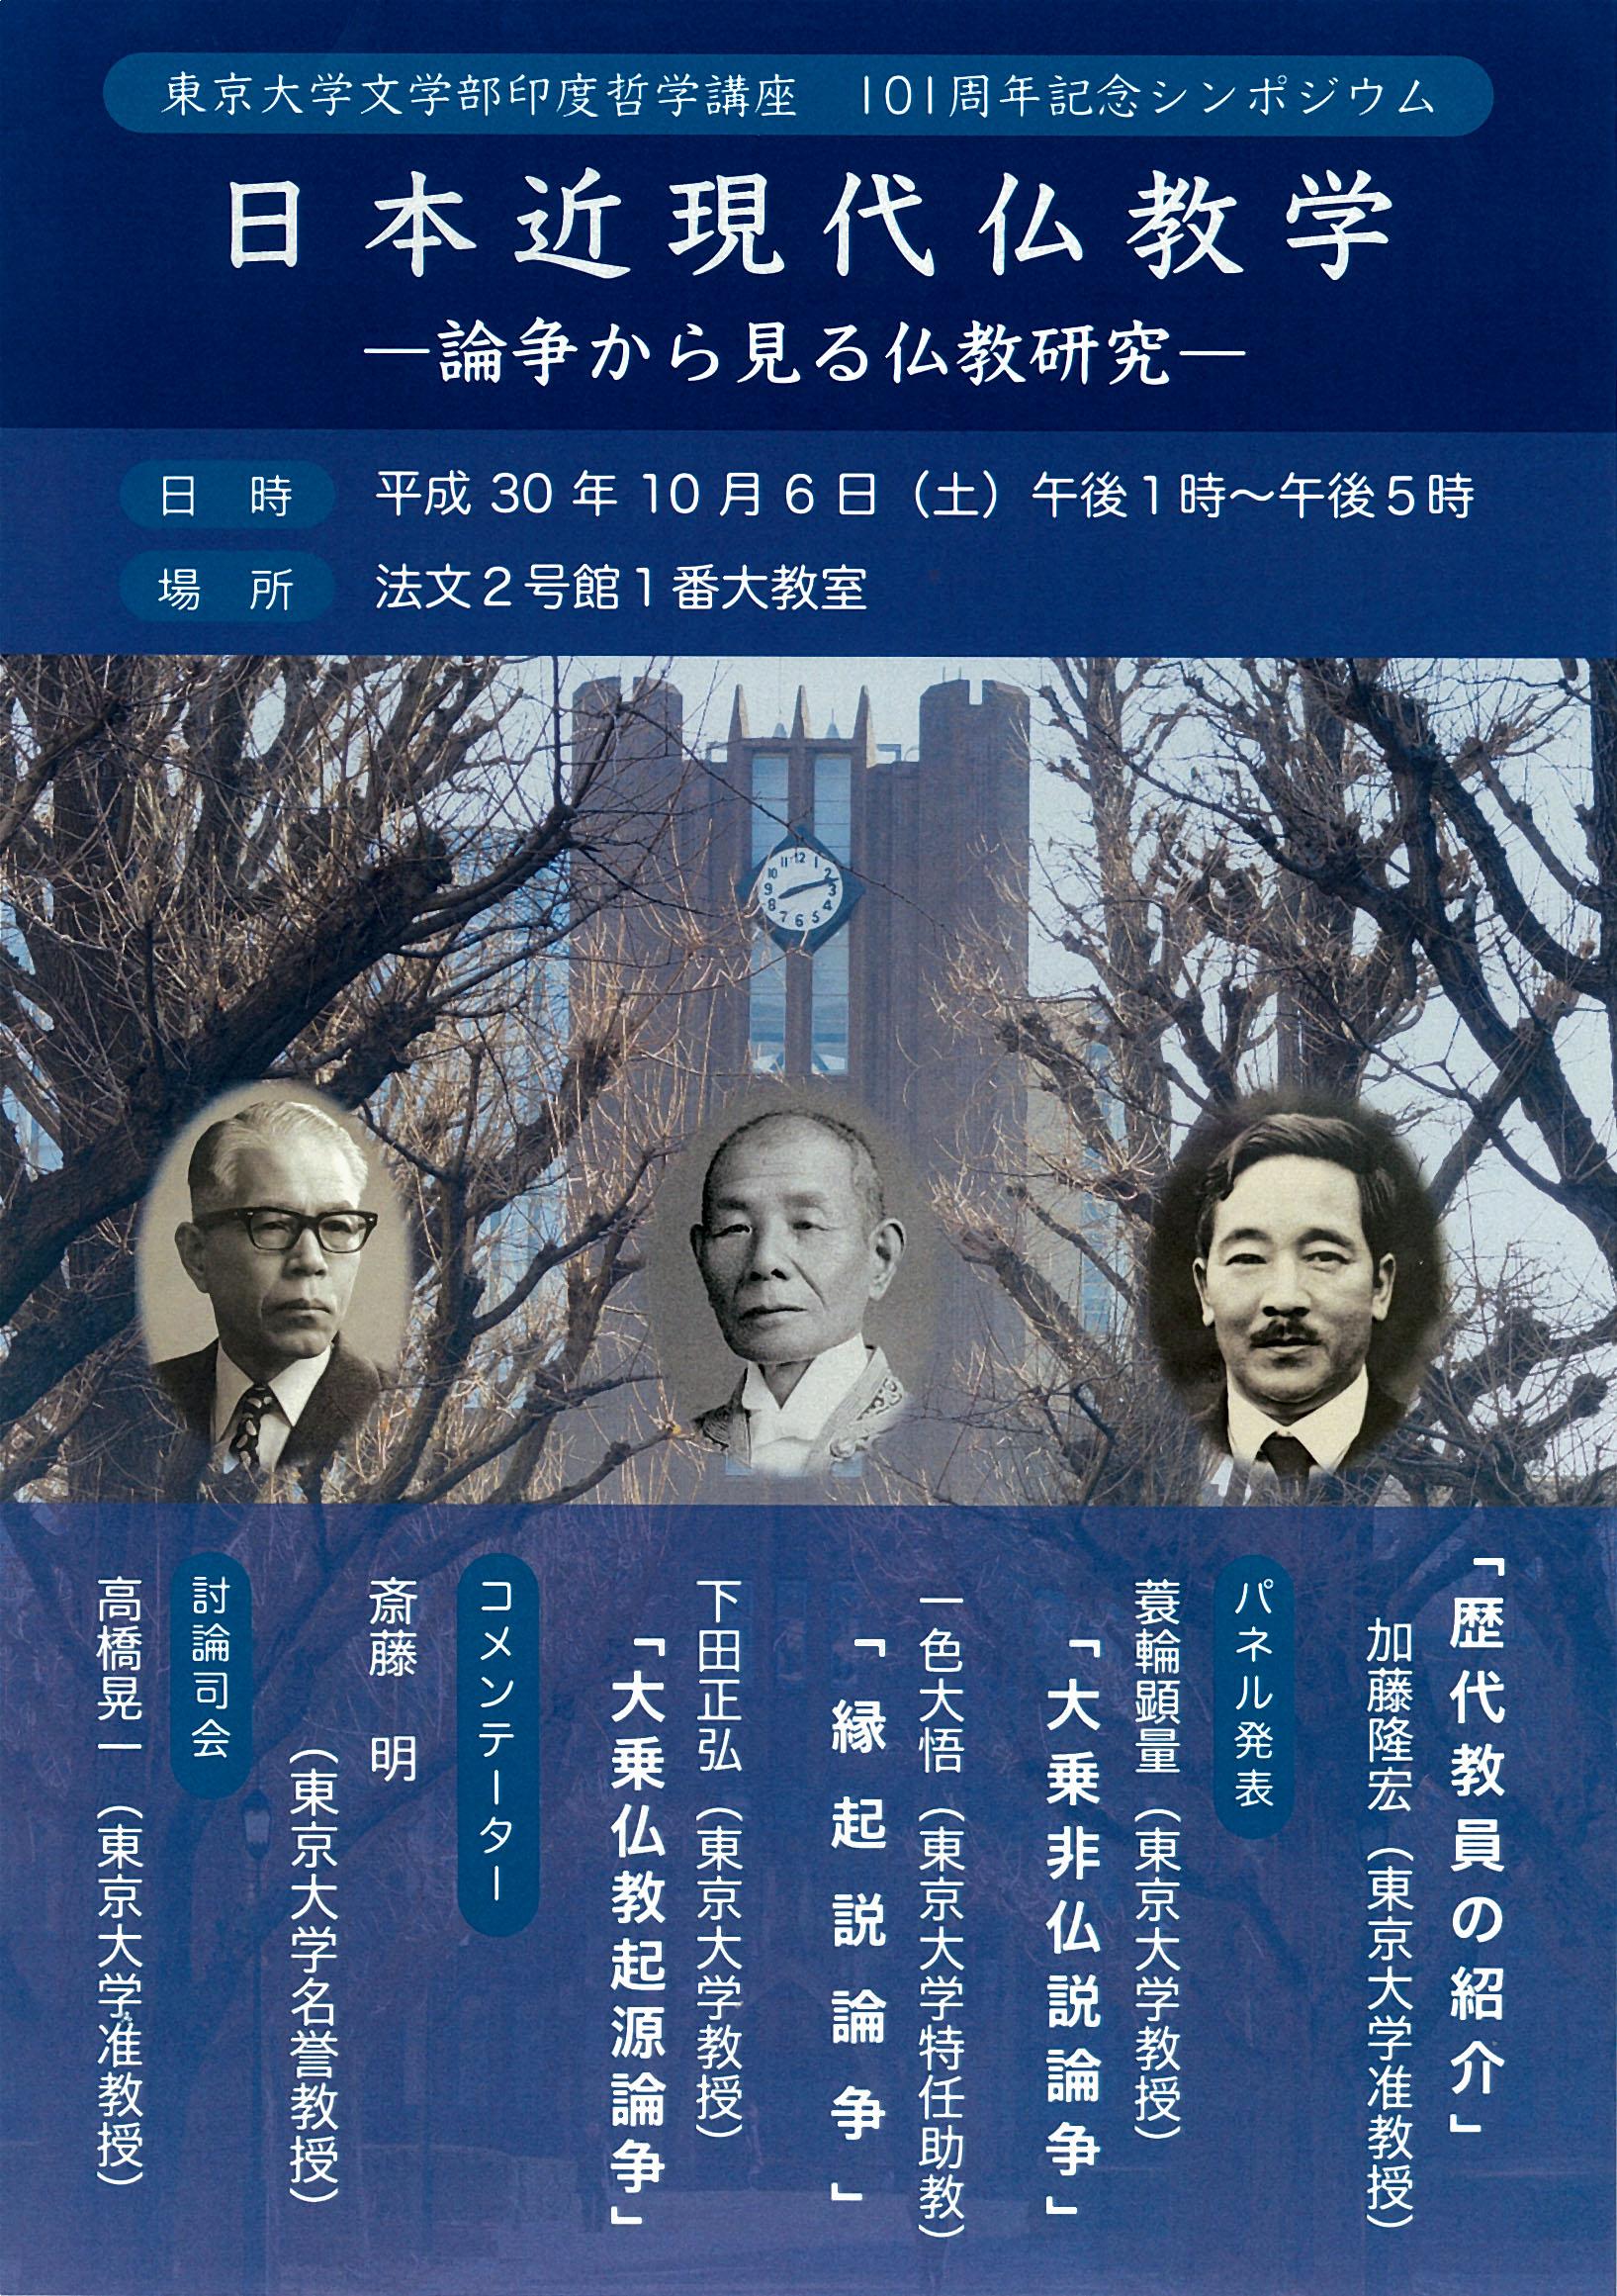 東京大学101周年記念シンポジウム